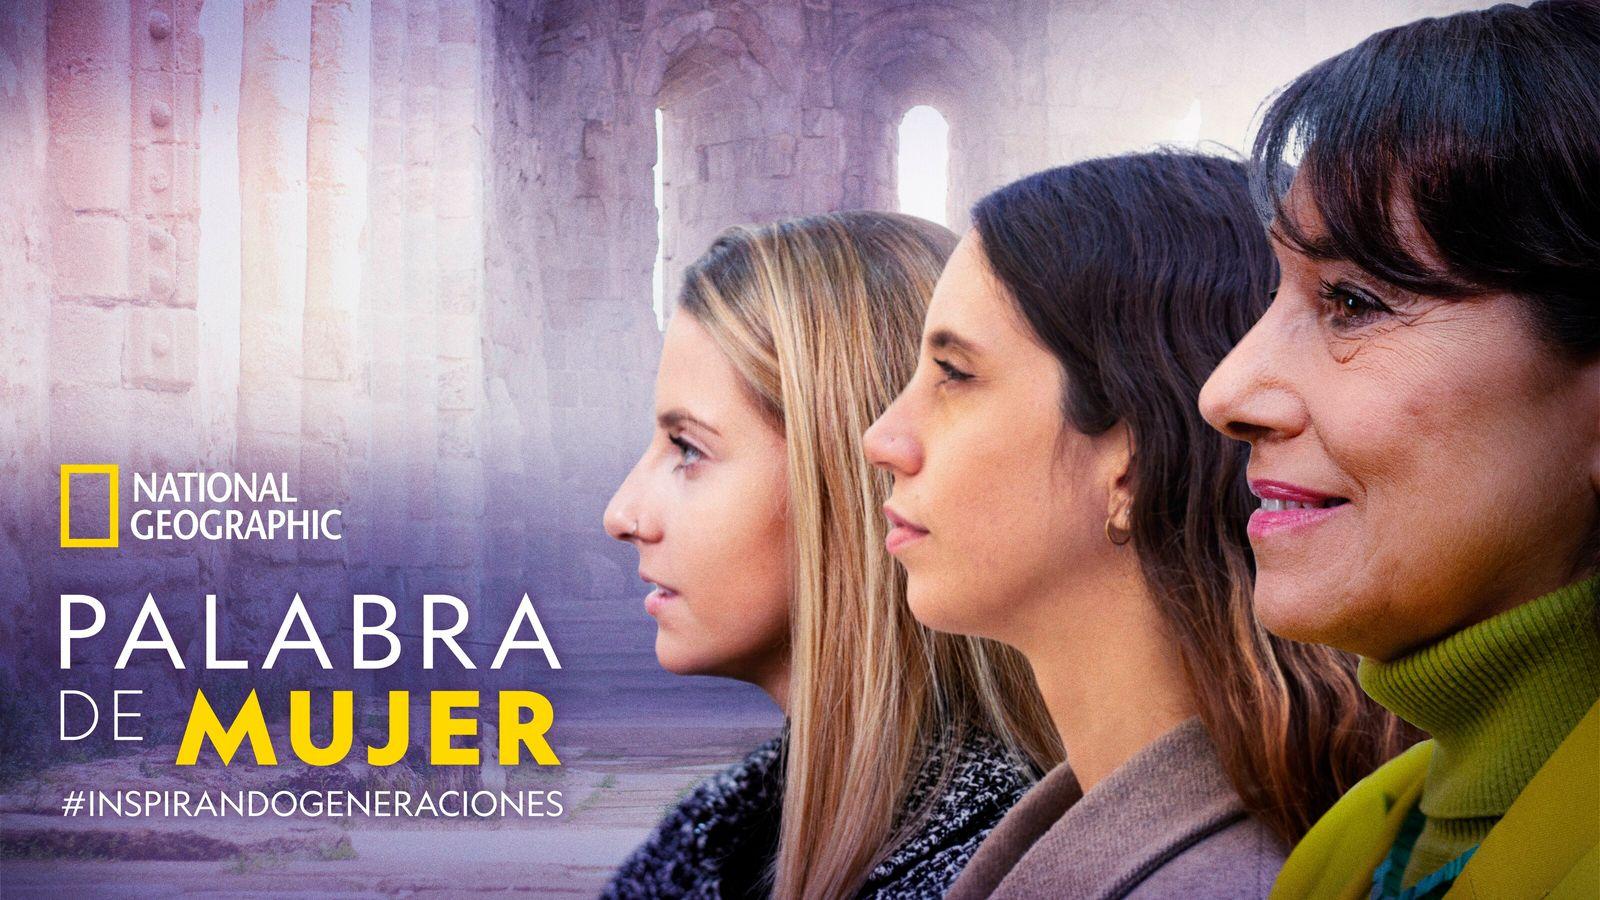 National Geographic quiere dar voz estas mujeres como ejemplo de muchas otras que las precedieron, buscando ...